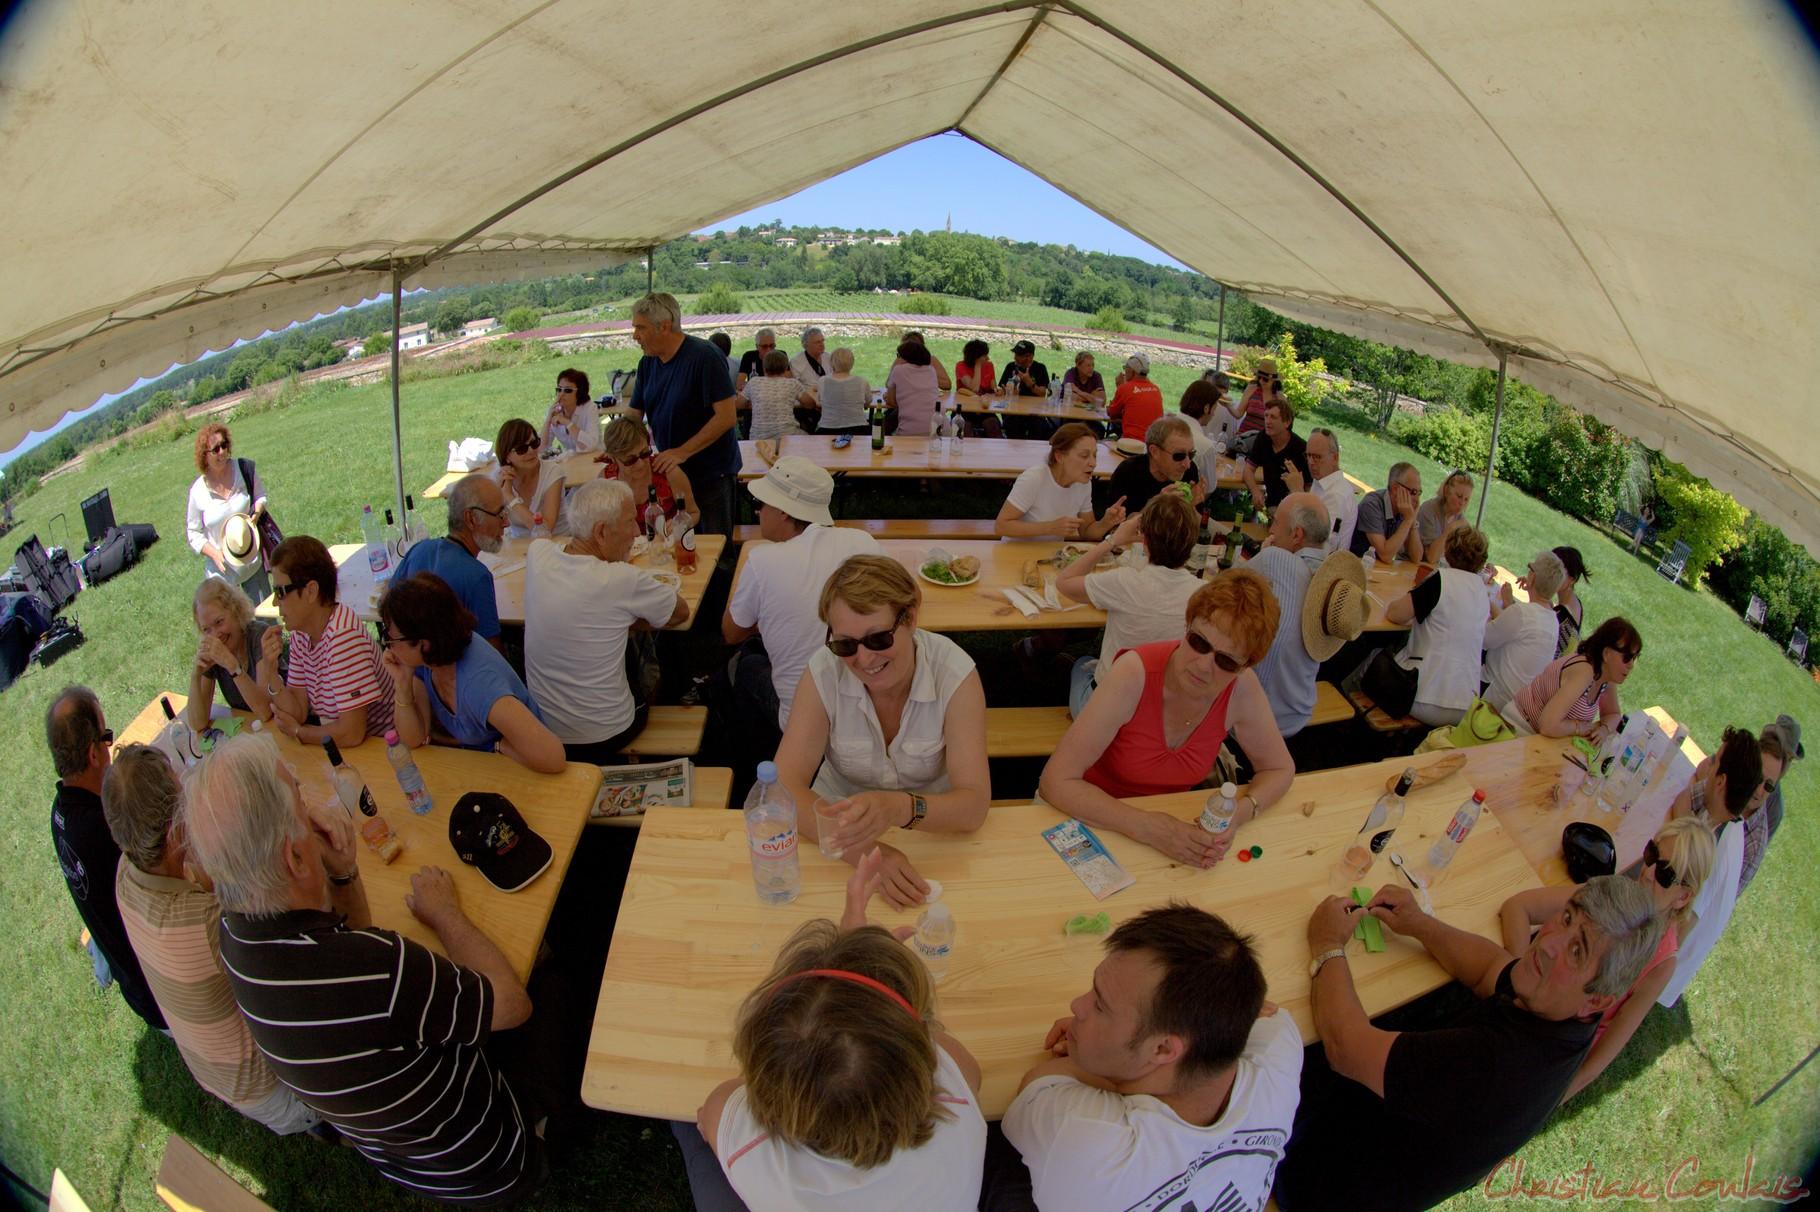 Festival JAZZ360 2014, le grand air et la musique ouvriront les apétits ! Château Lestange, Quinsac